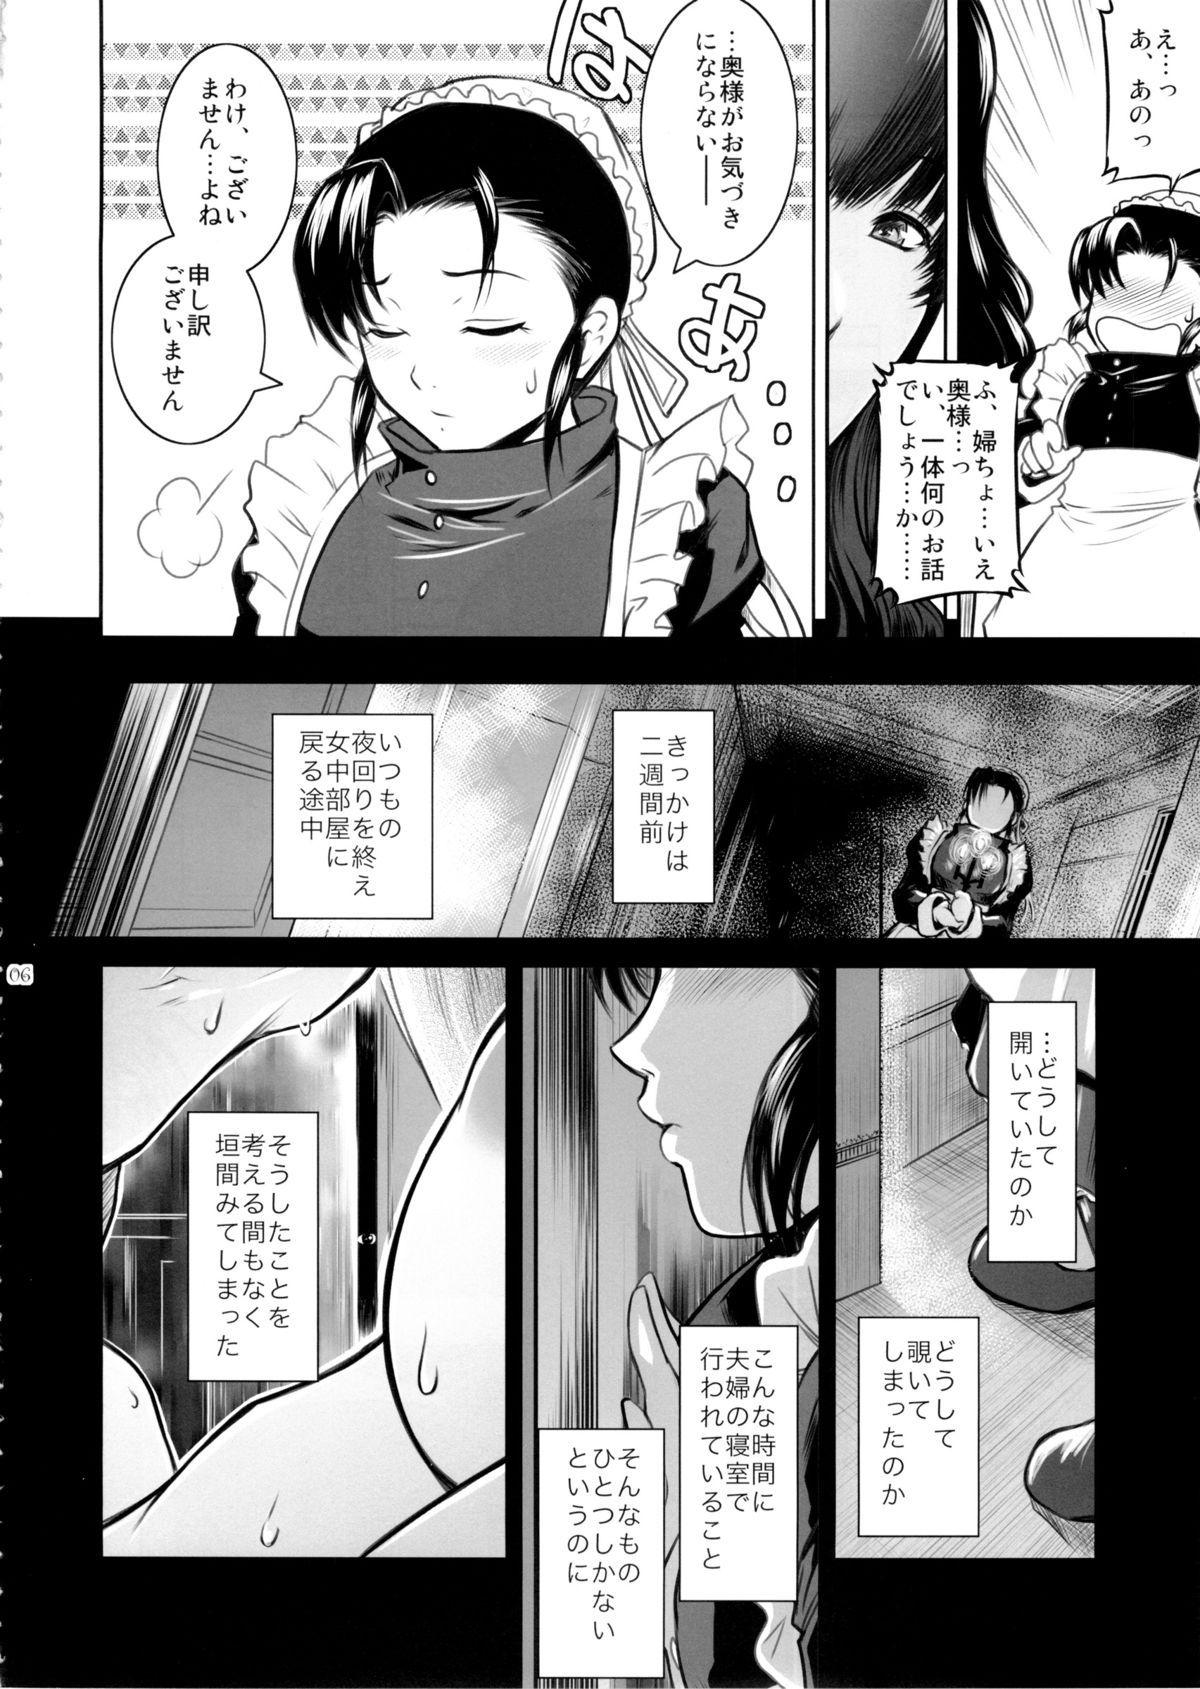 ブラックラグーン エロ エロ漫画ライフ